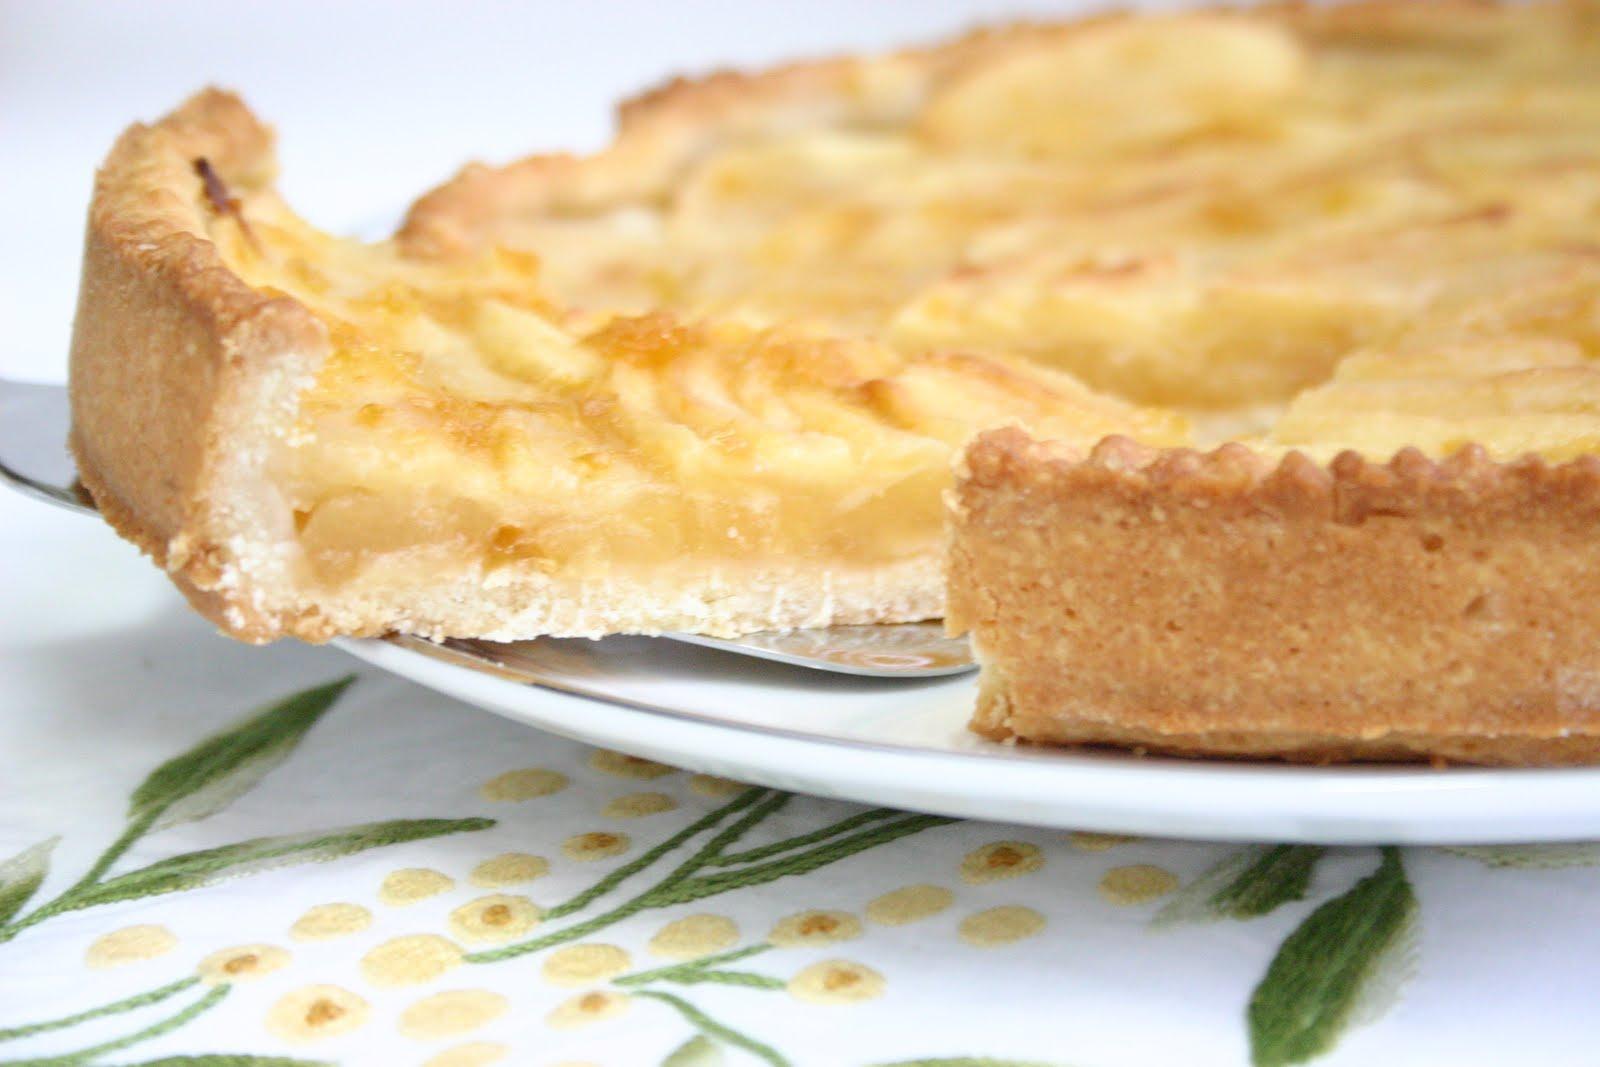 Dolcimanontroppo torta di mele e noci for Crostata di mele